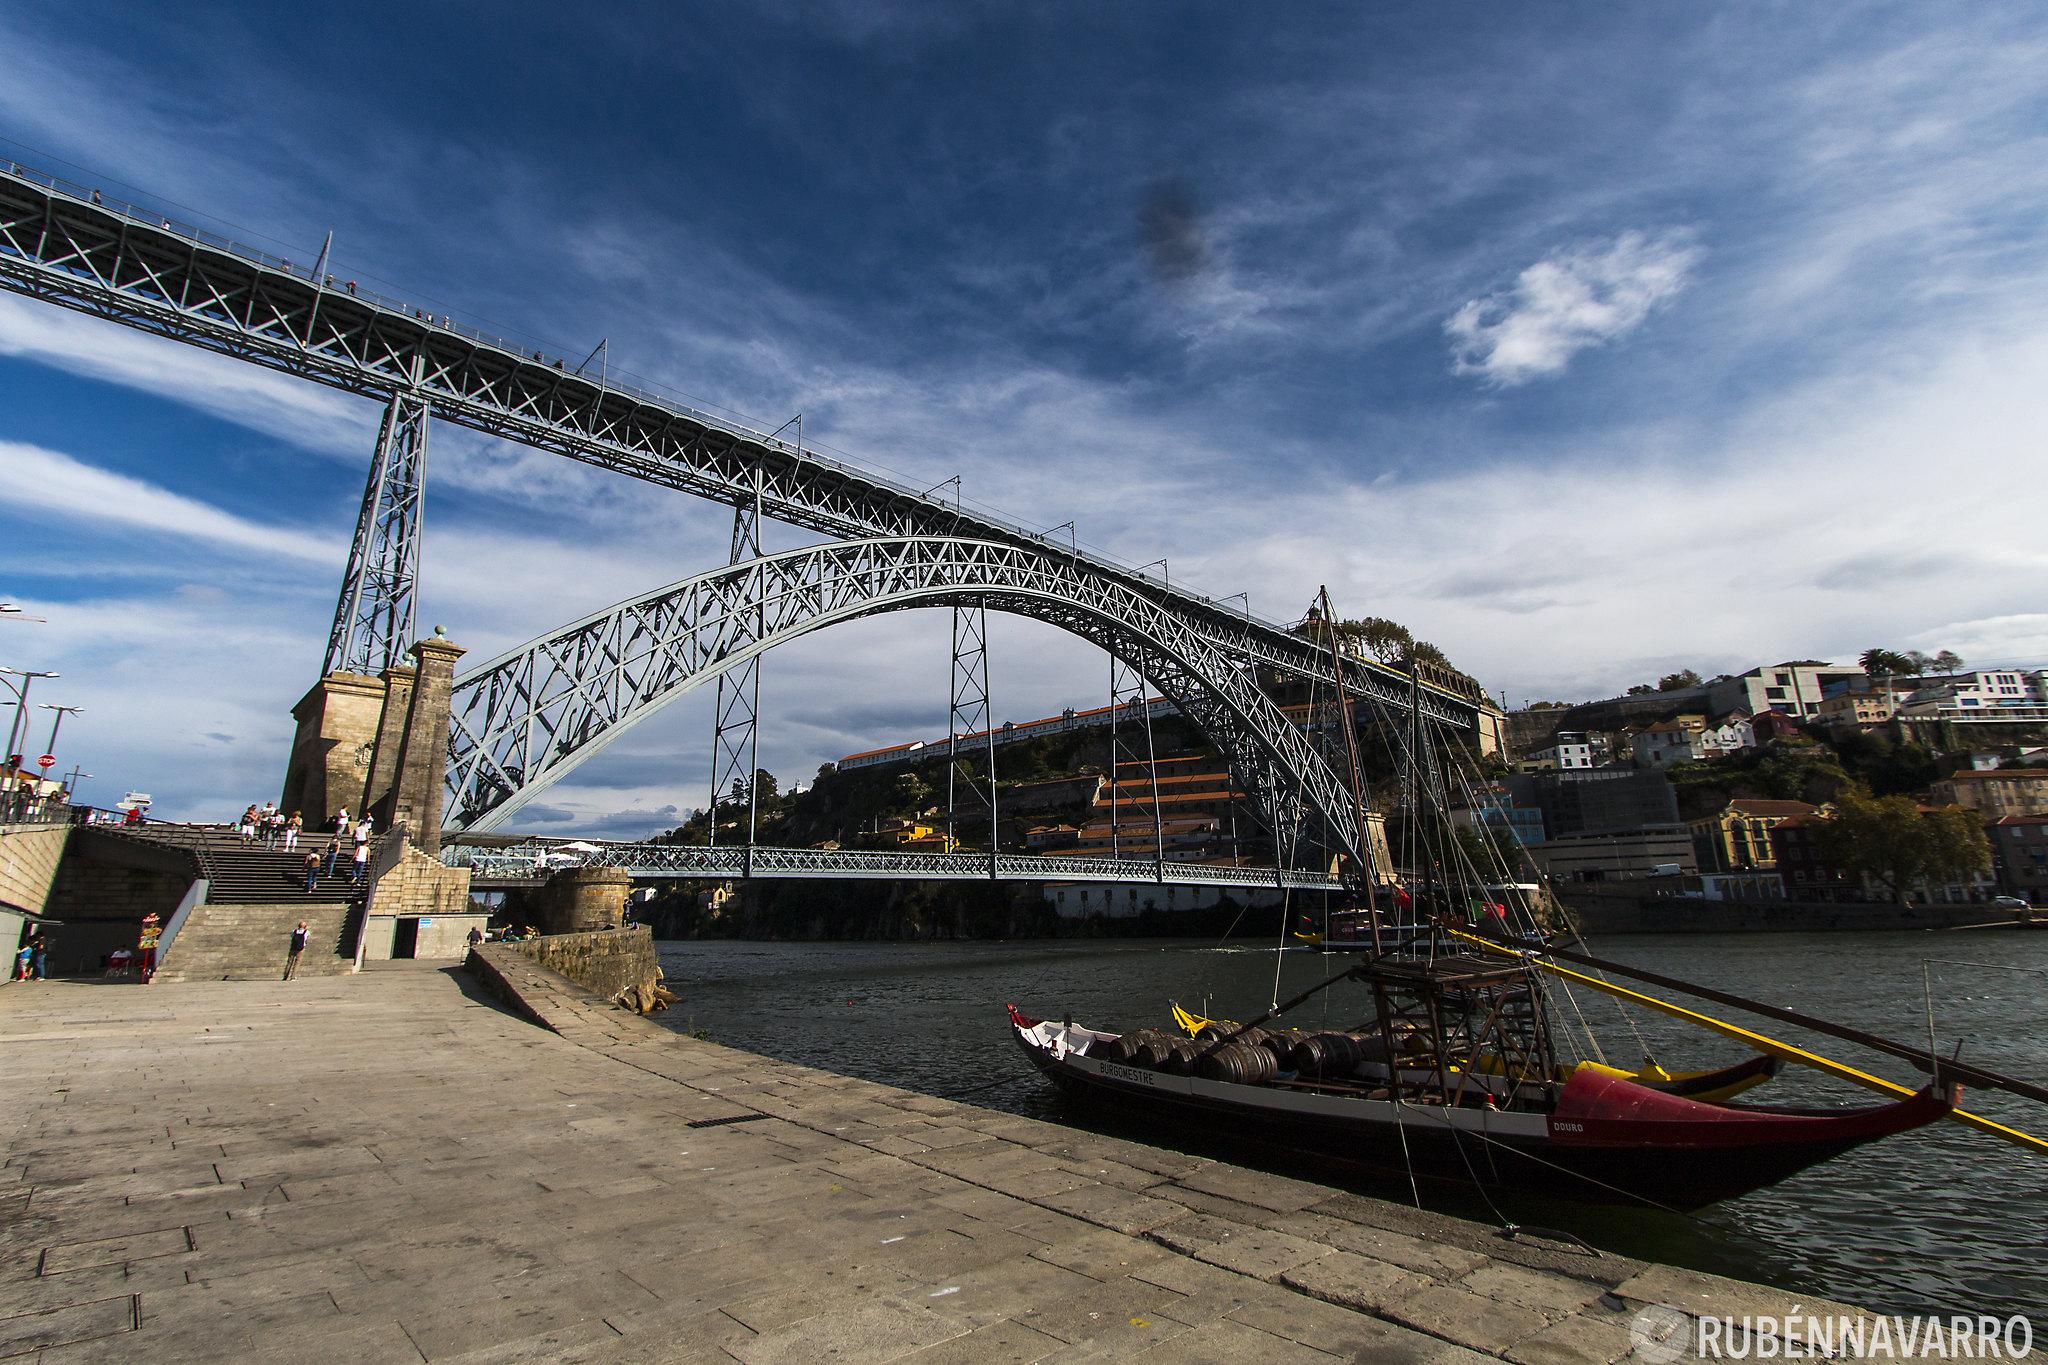 qué ver en Oporto - Puente